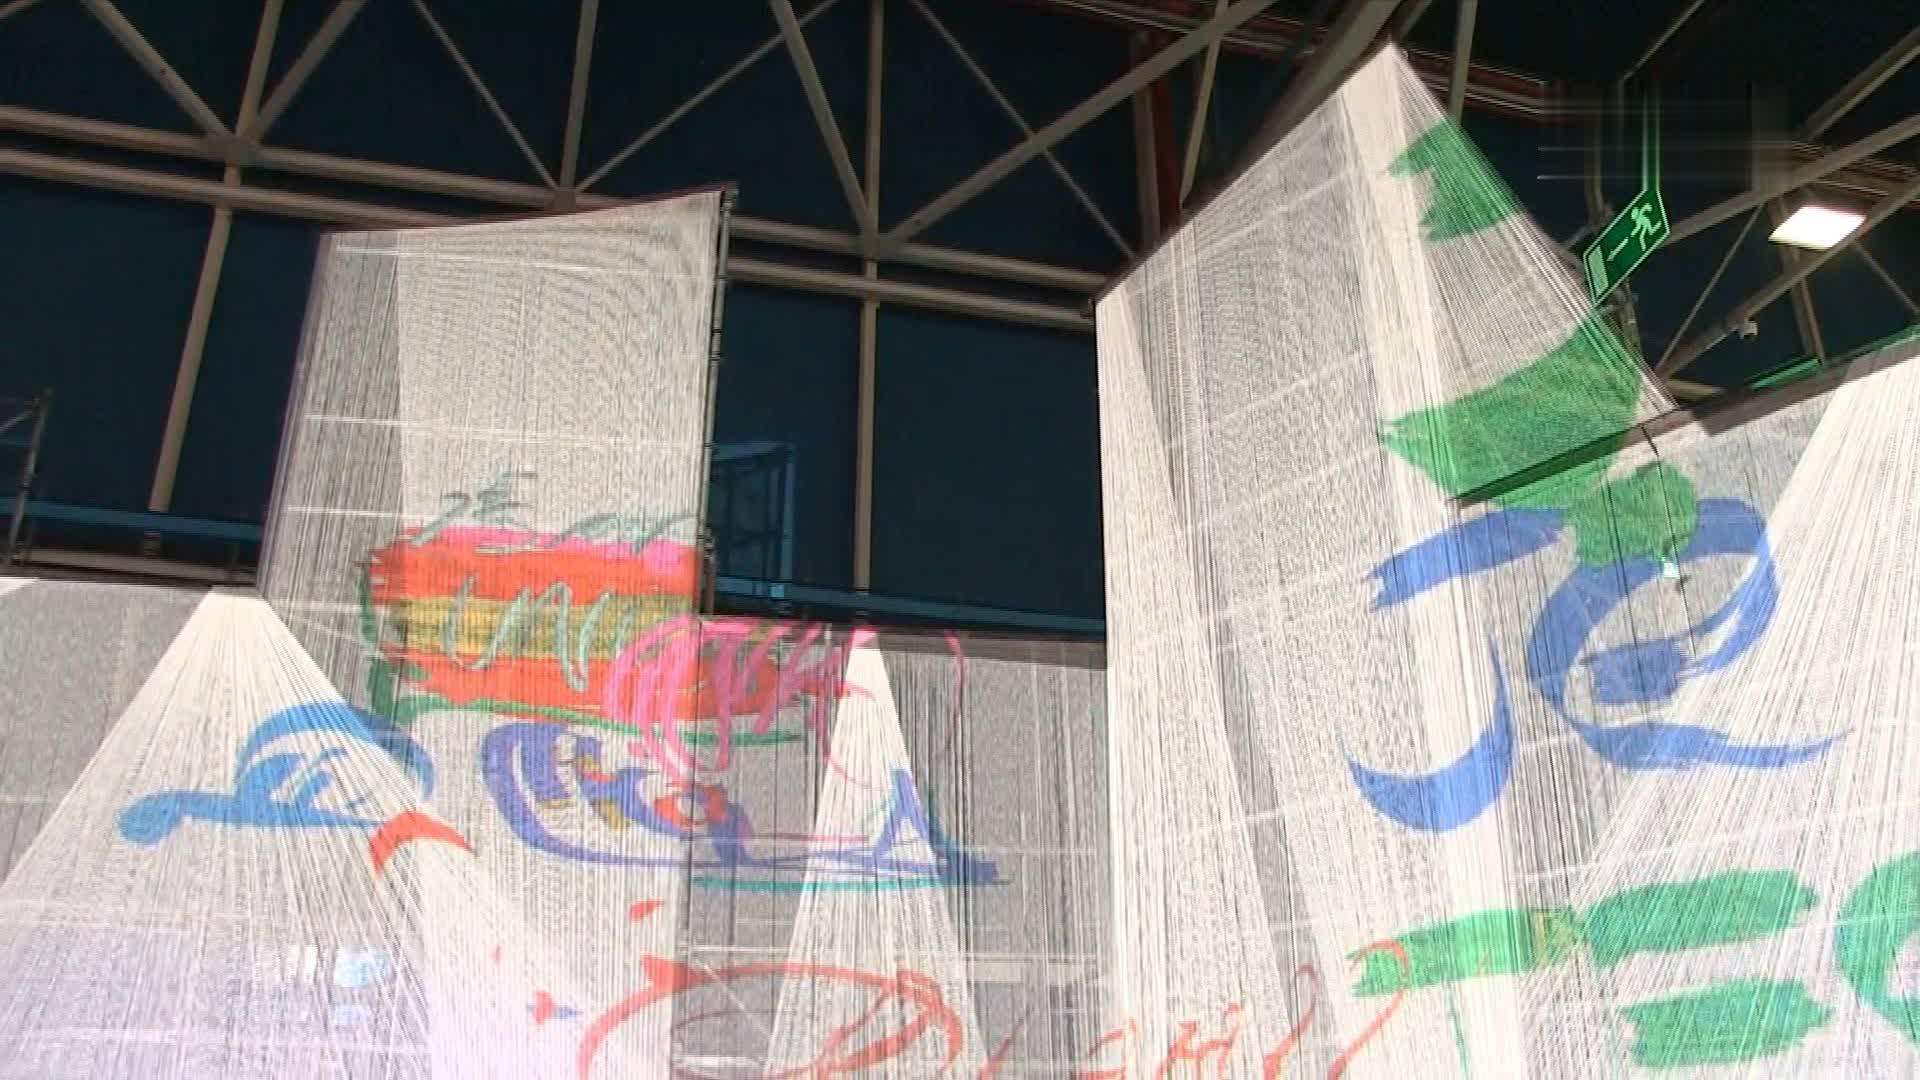 马德里气候变化大会:棉线上的灯光展